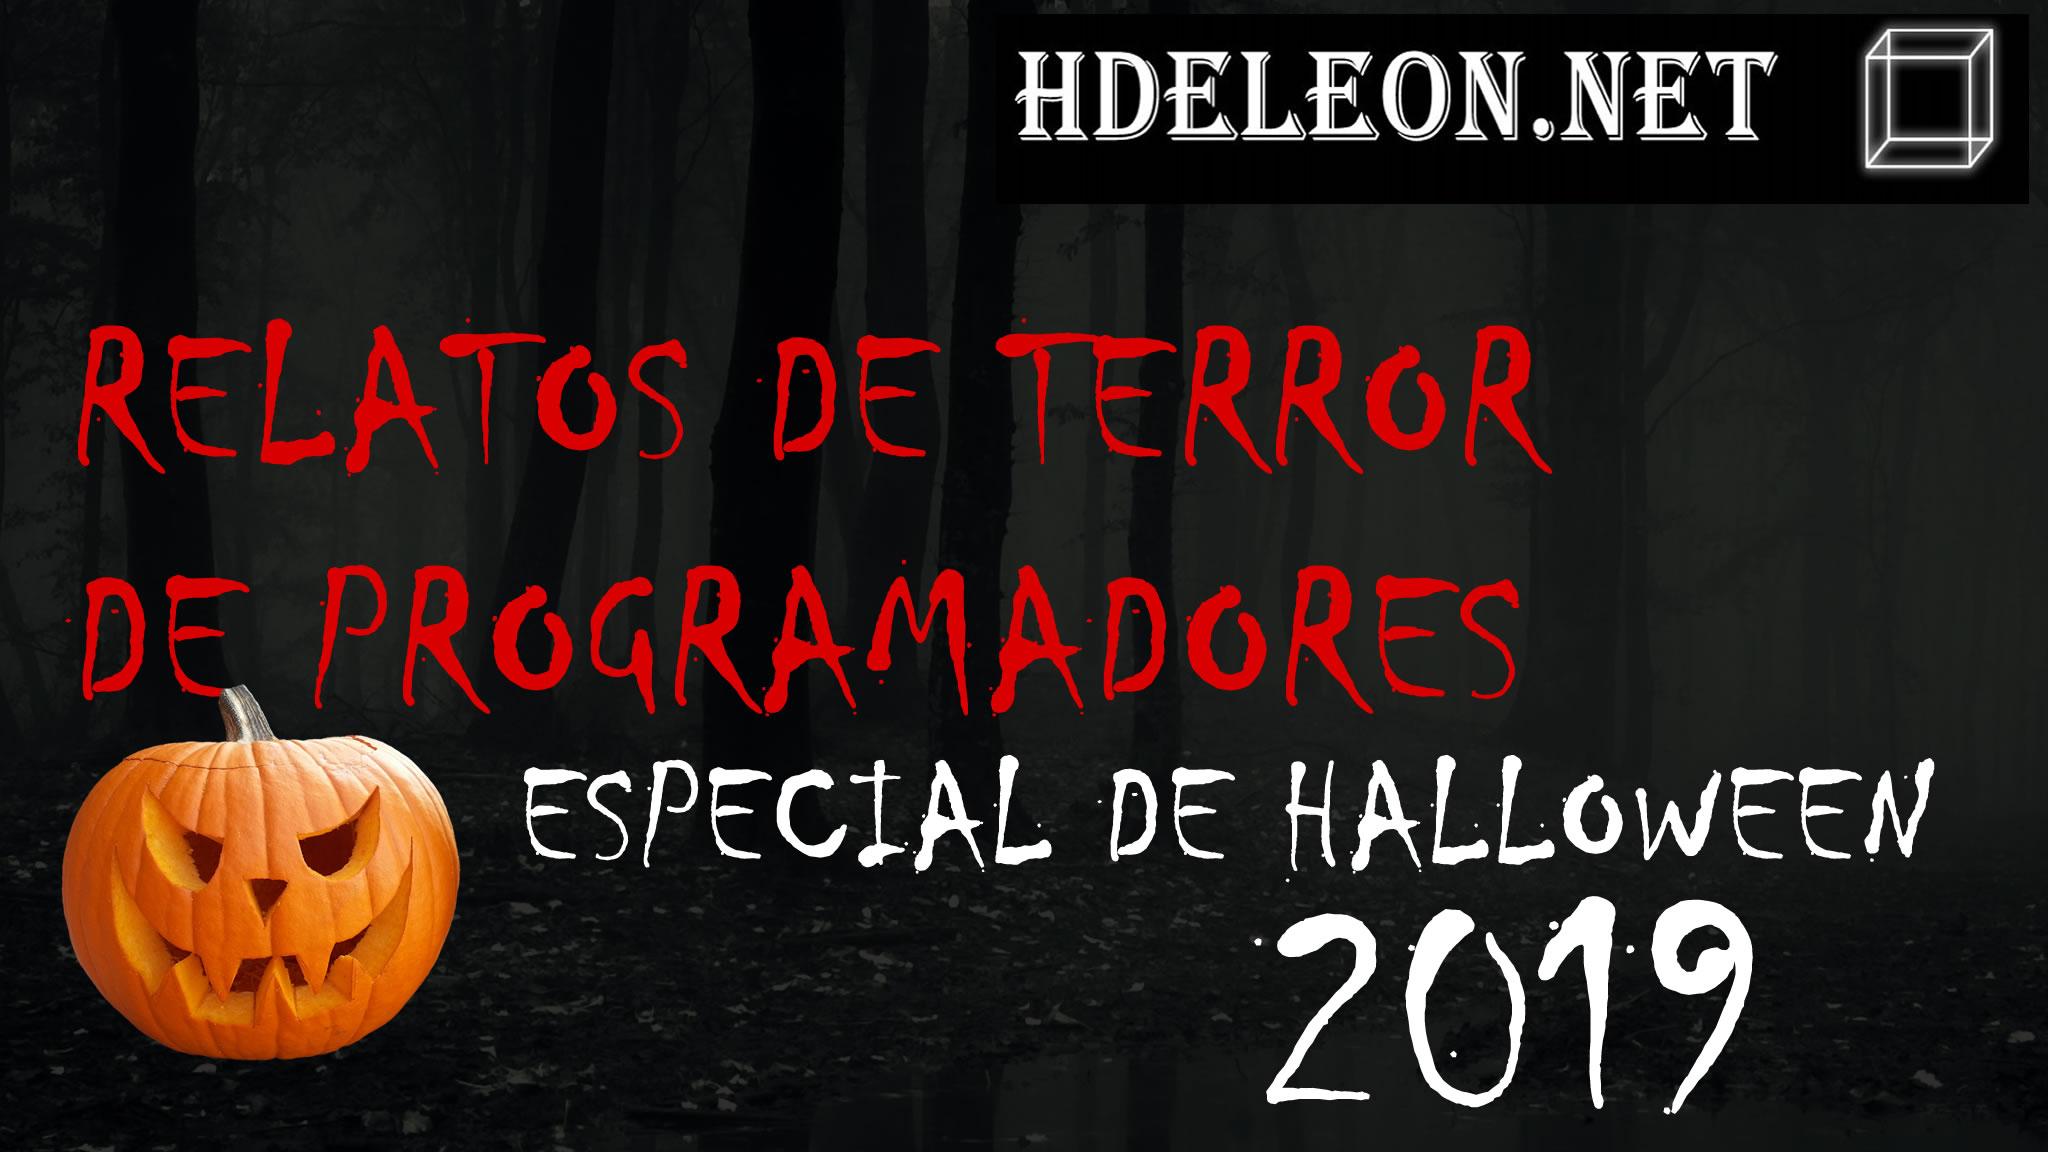 Relatos de terror de programadores – Especial de Halloween 2019